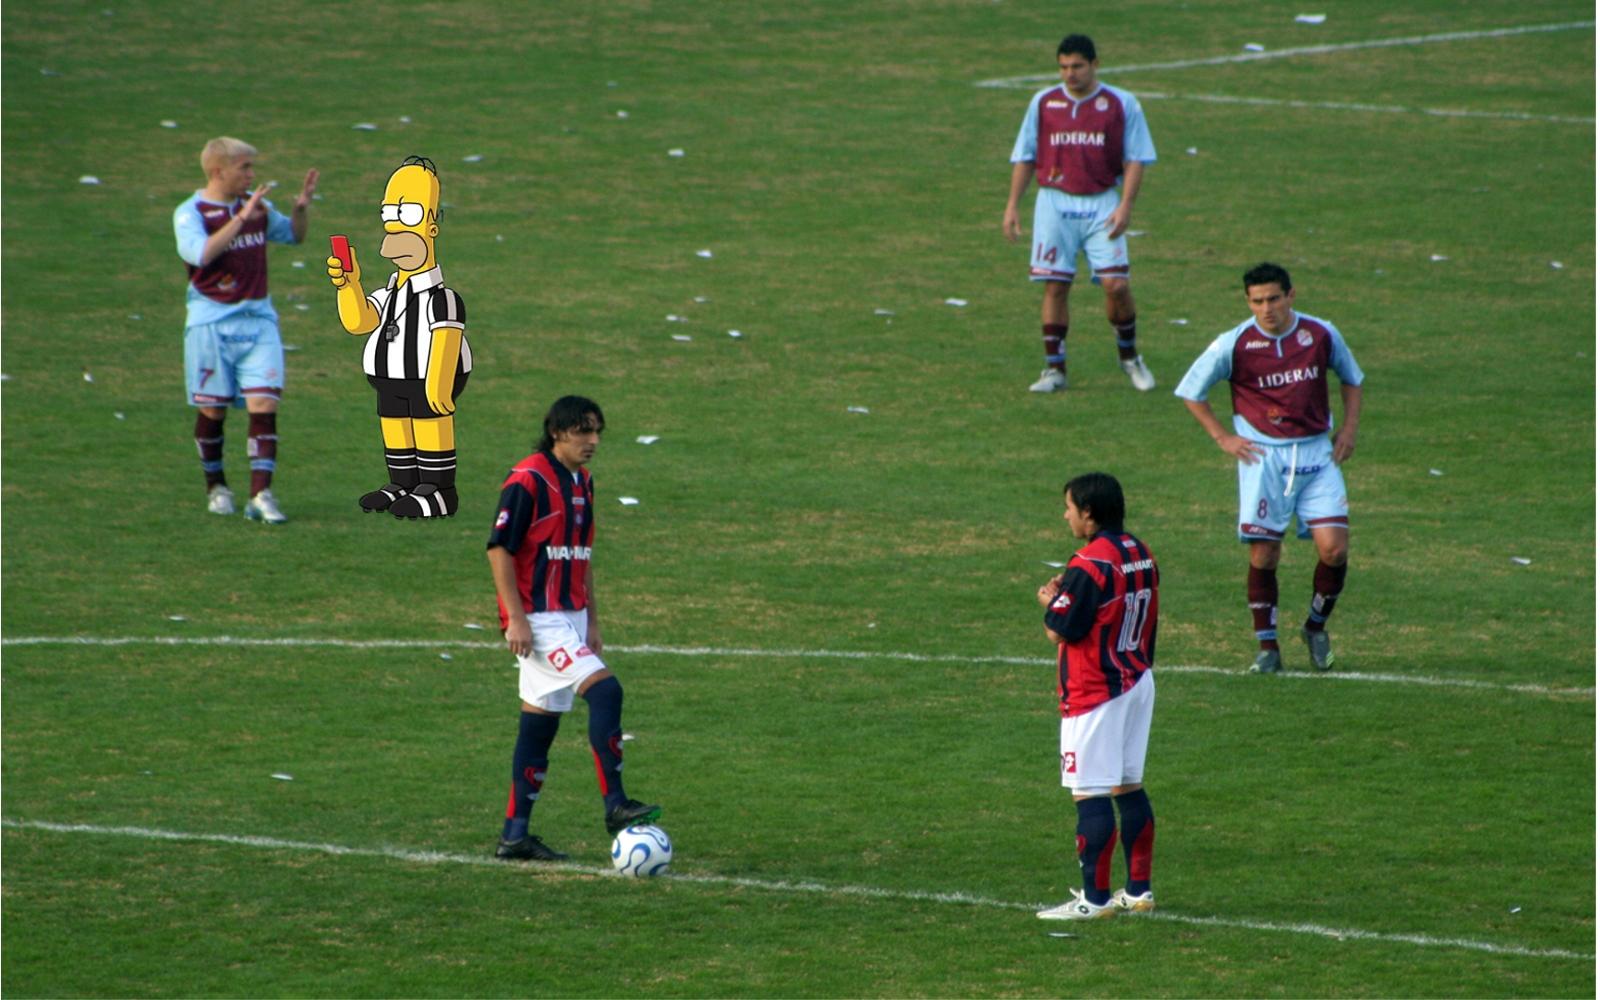 Por Qué Se Juega Al Fútbol Con 11 Jugadores Por Equipo: Futbol